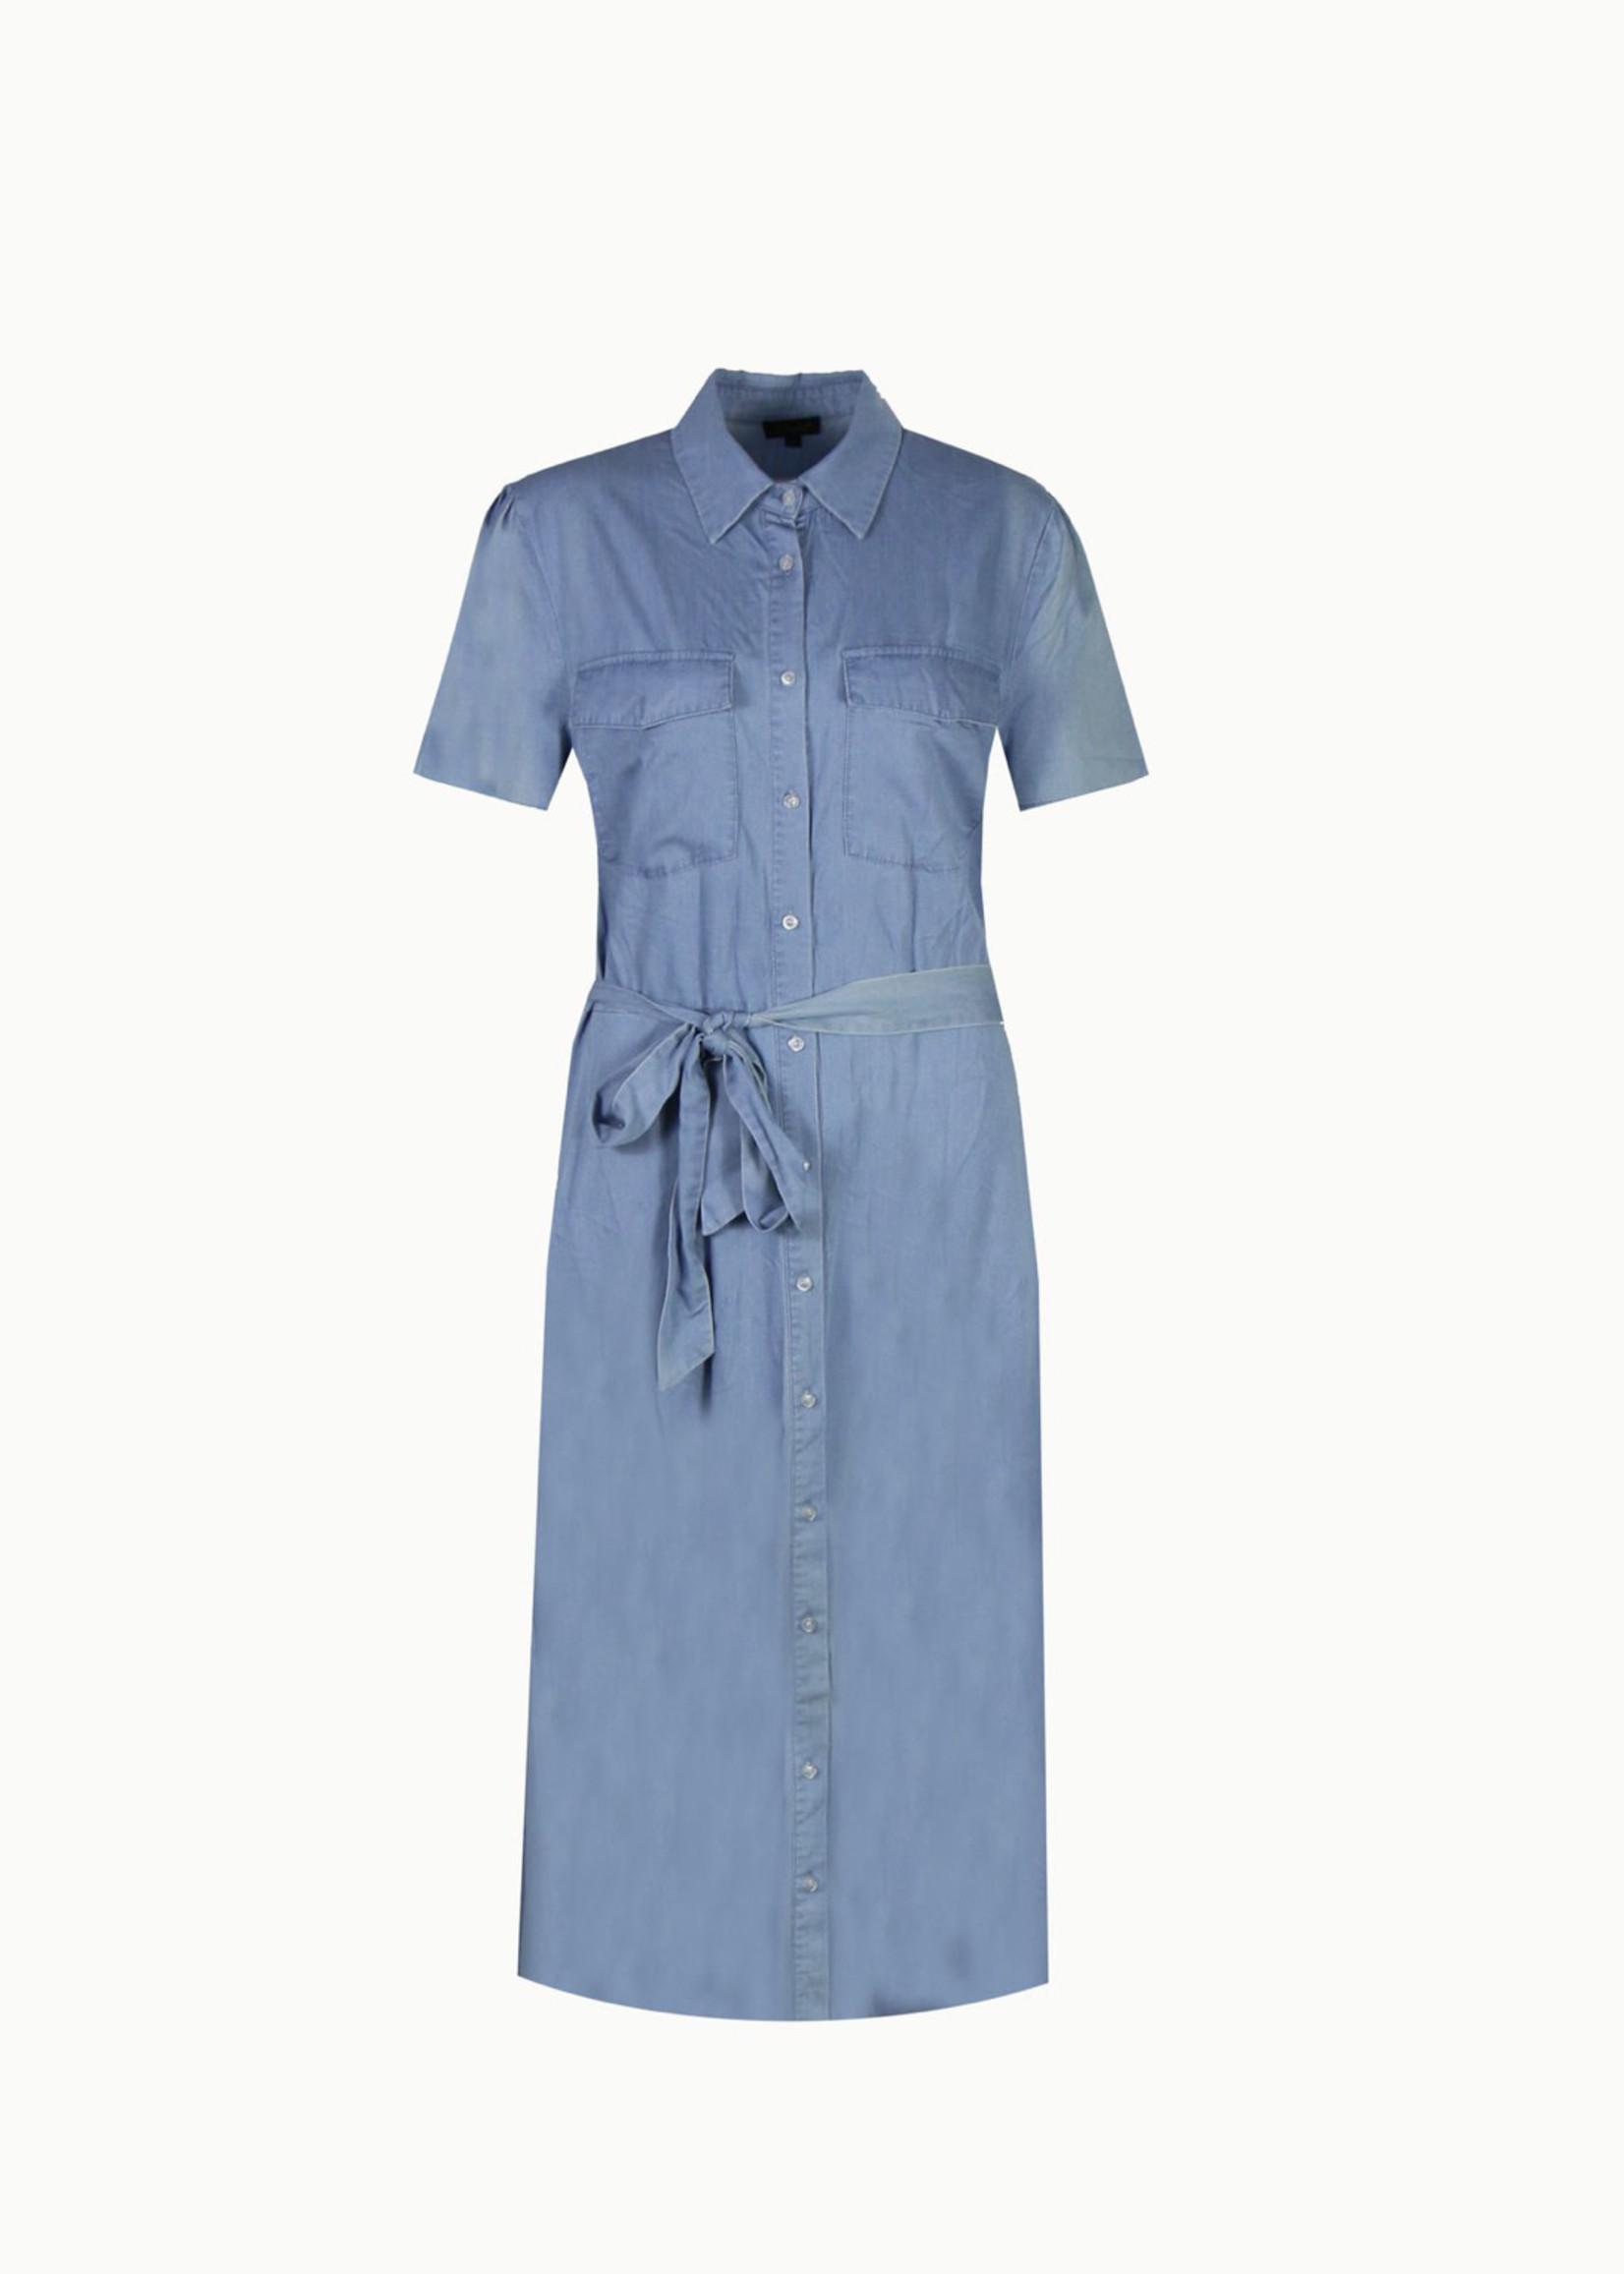 GMAXX Aevy jurk  jeansblauw Gmaxx